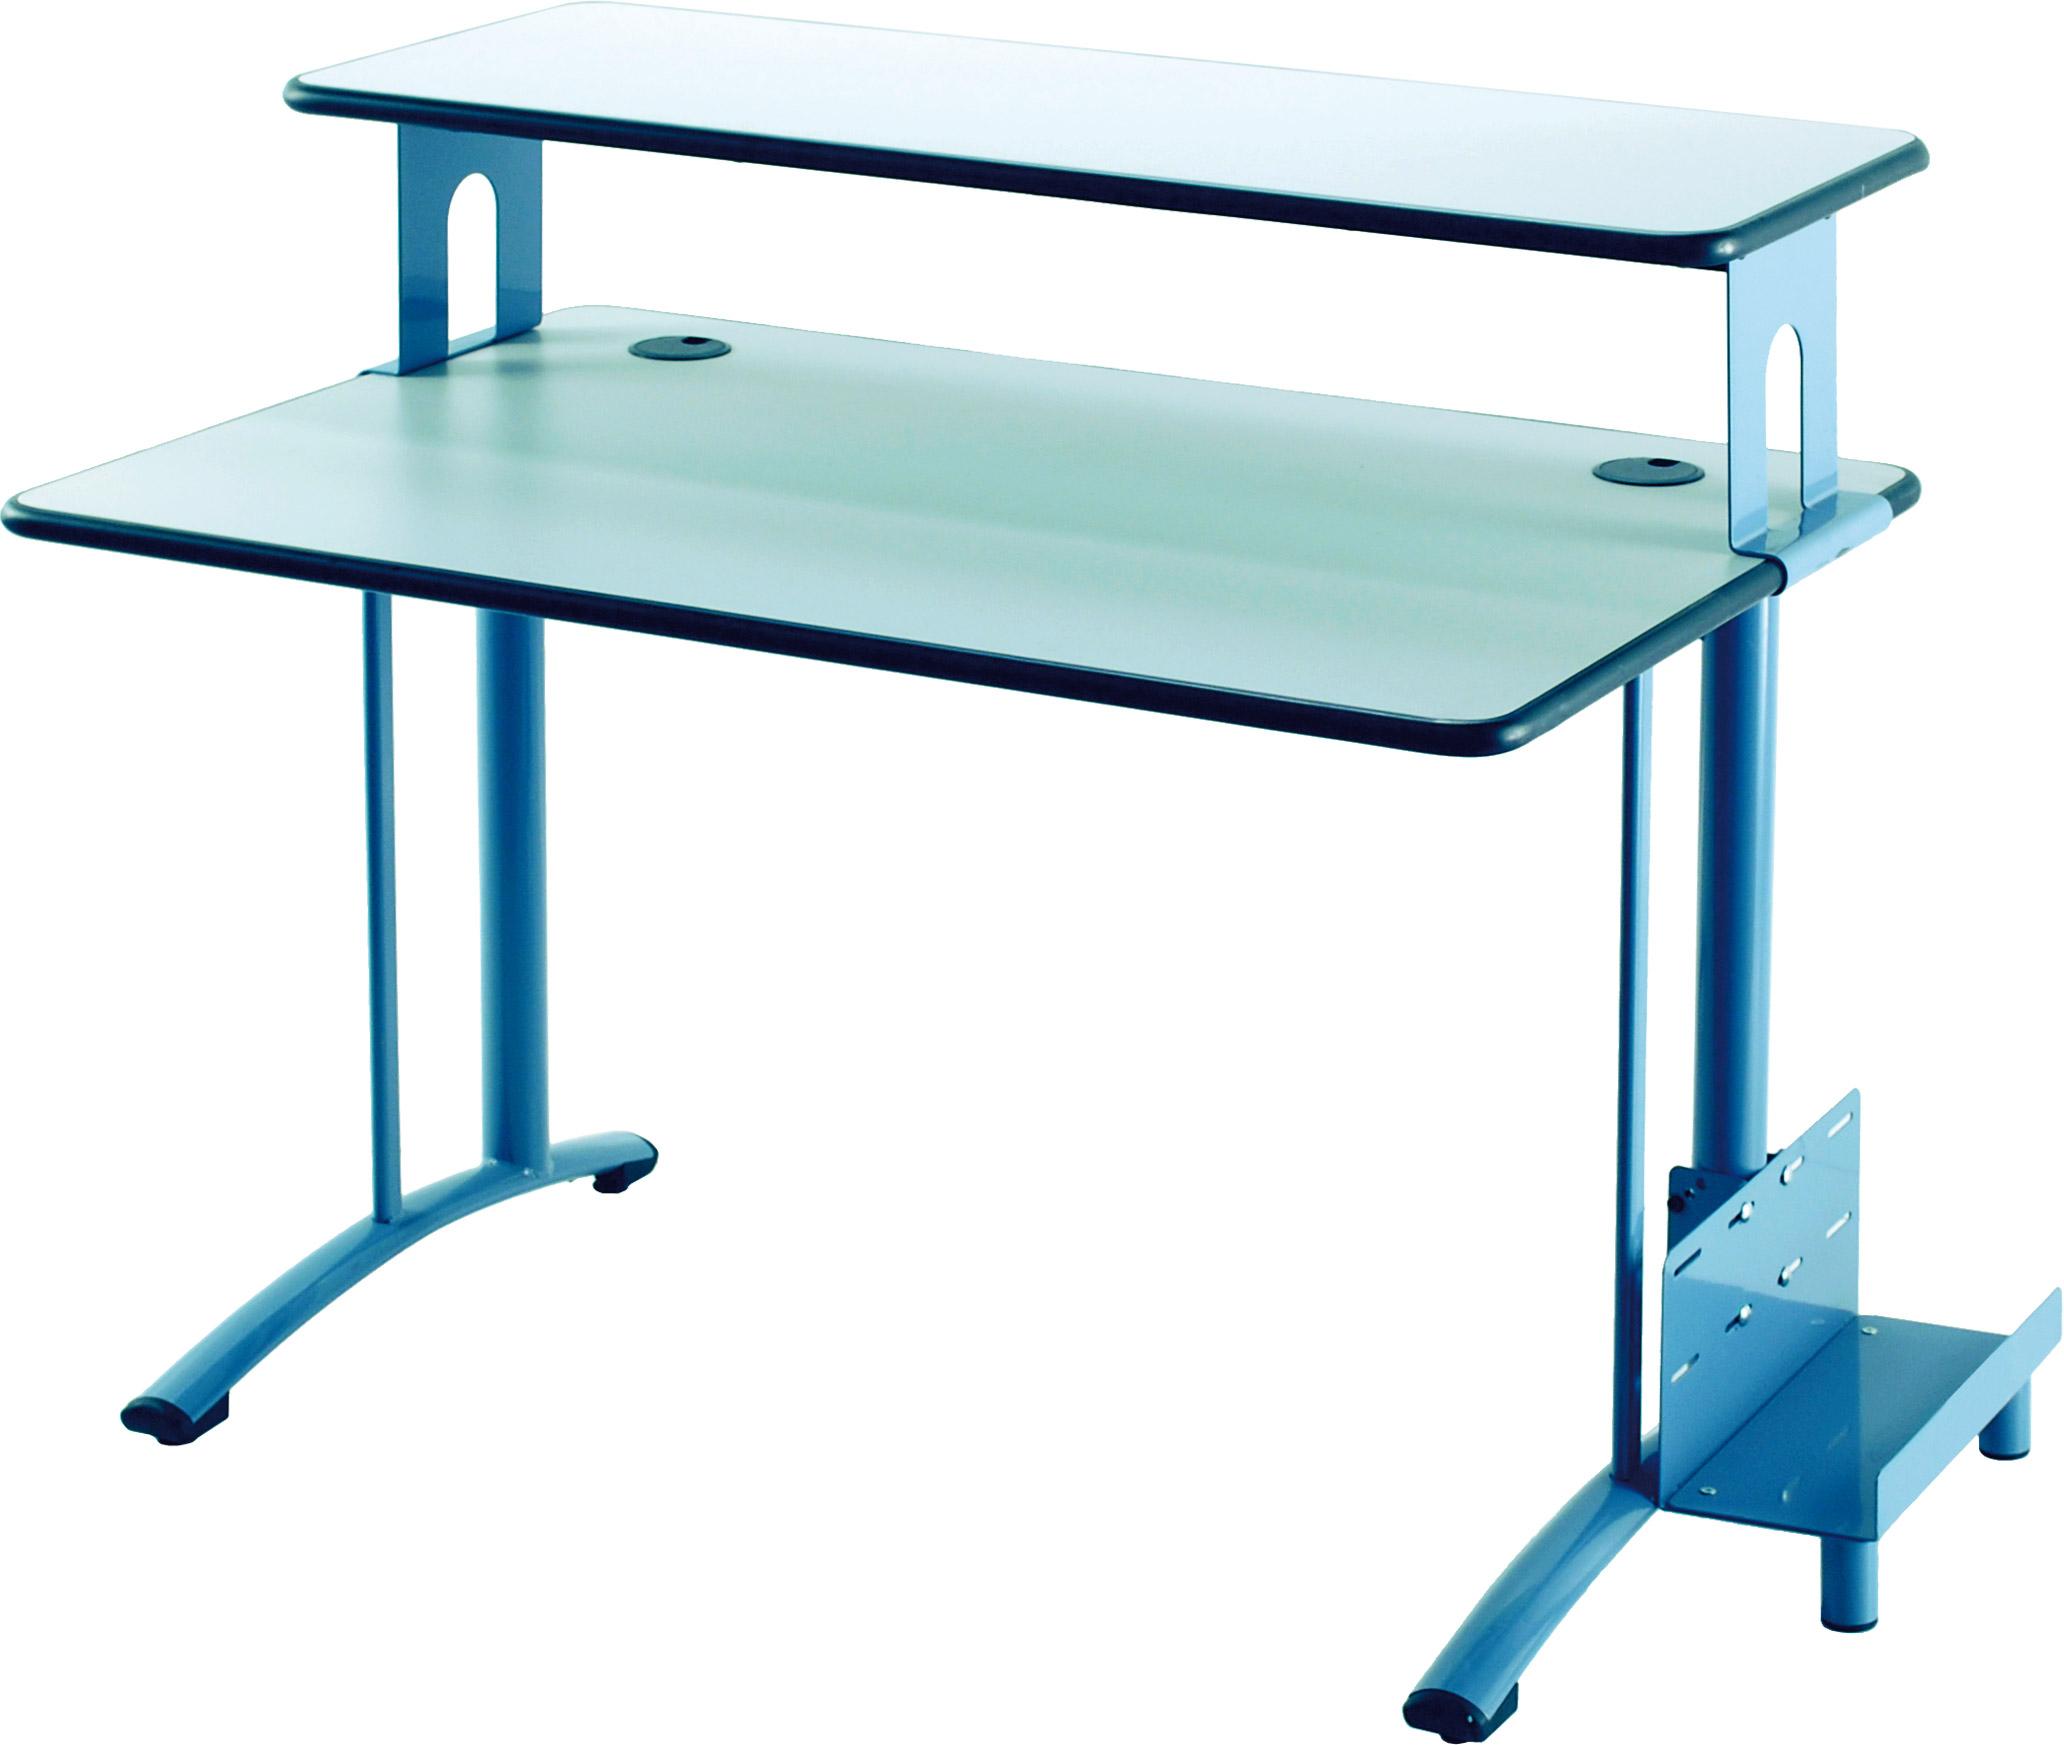 Support unit centrale r glable mobilier goz for Interieur unite centrale